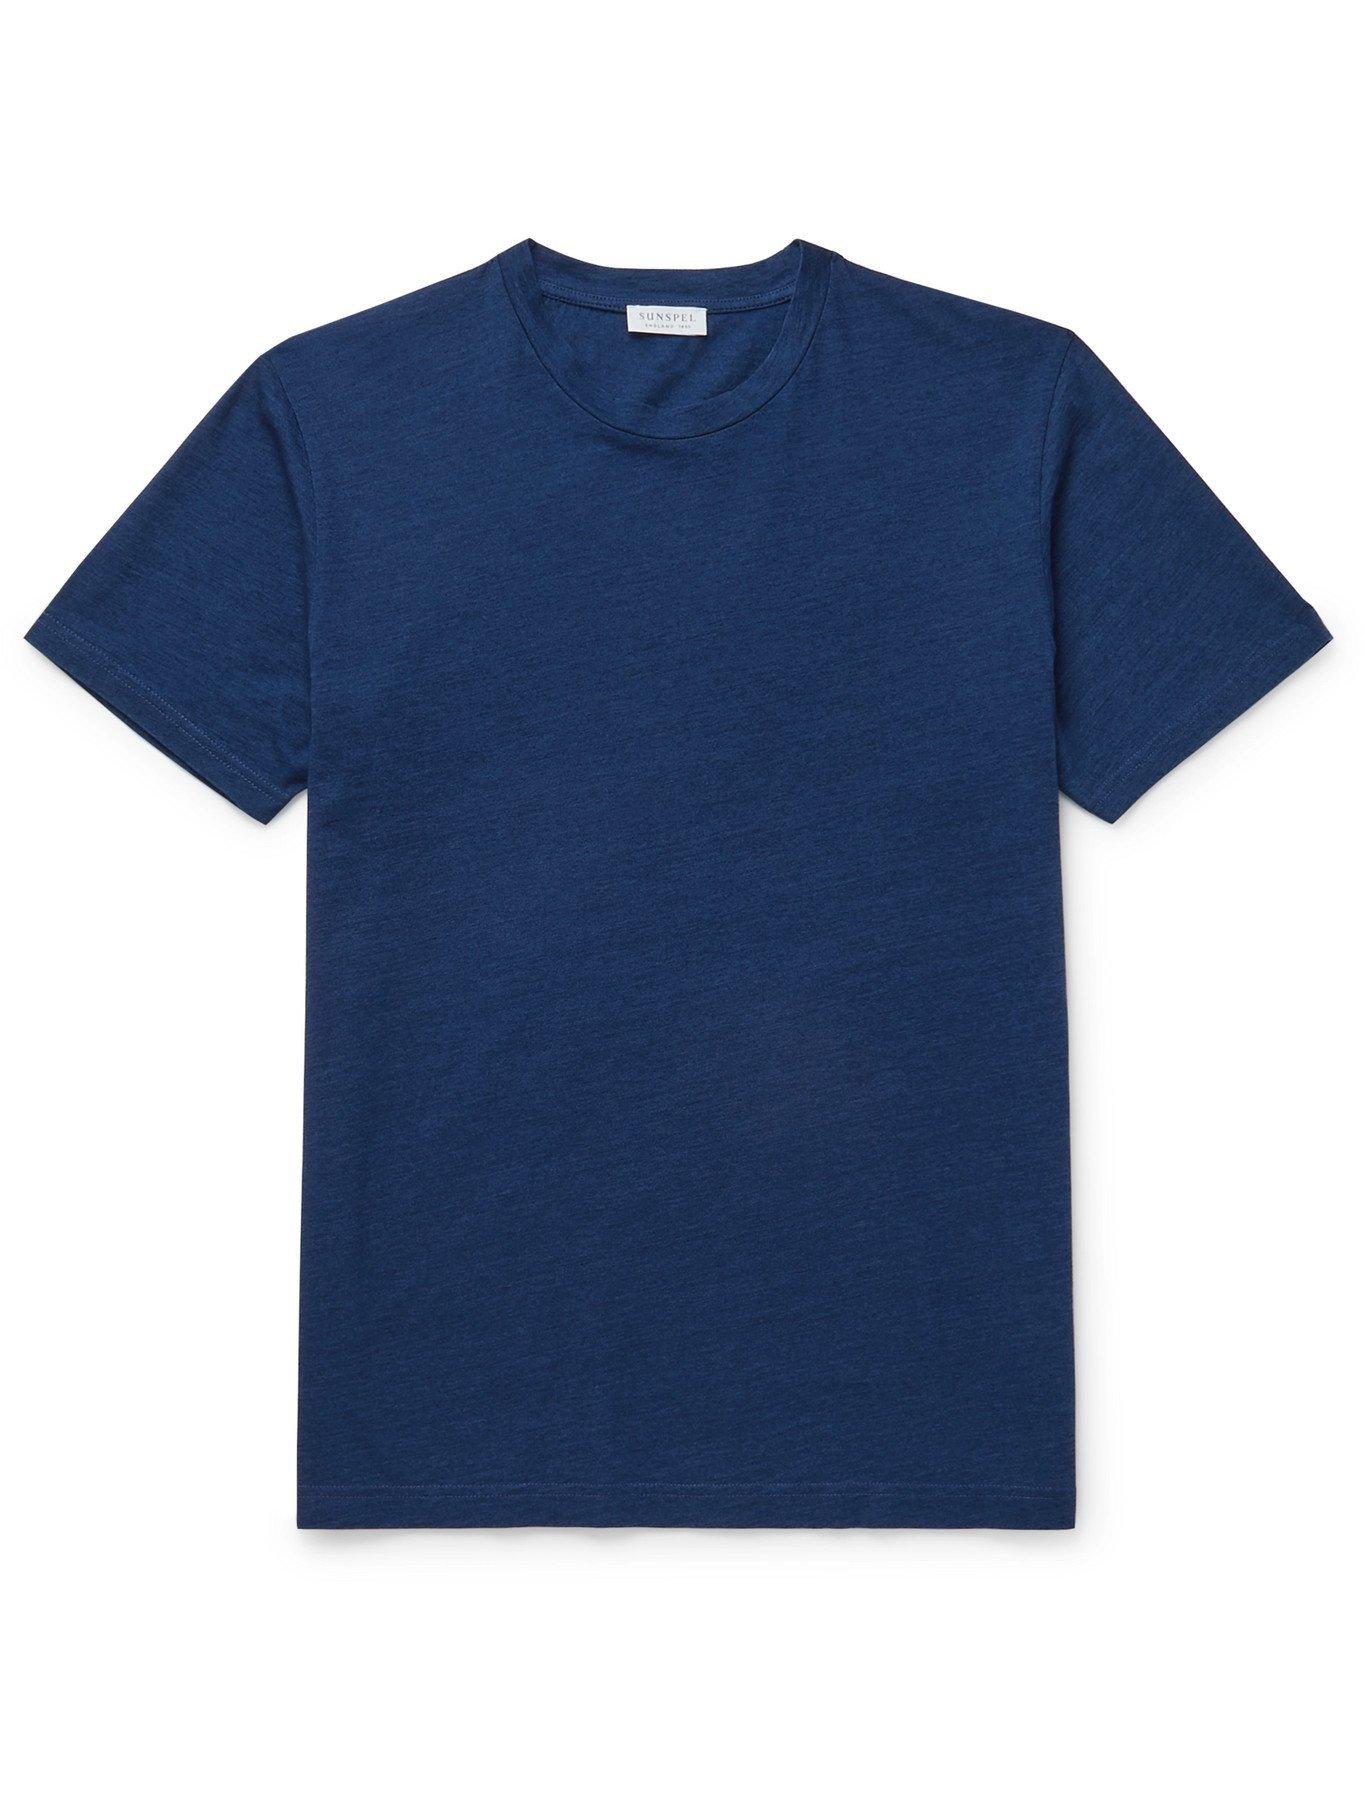 SUNSPEL - Riviera Mélange Organic Cotton-Jersey T-Shirt - Blue - S